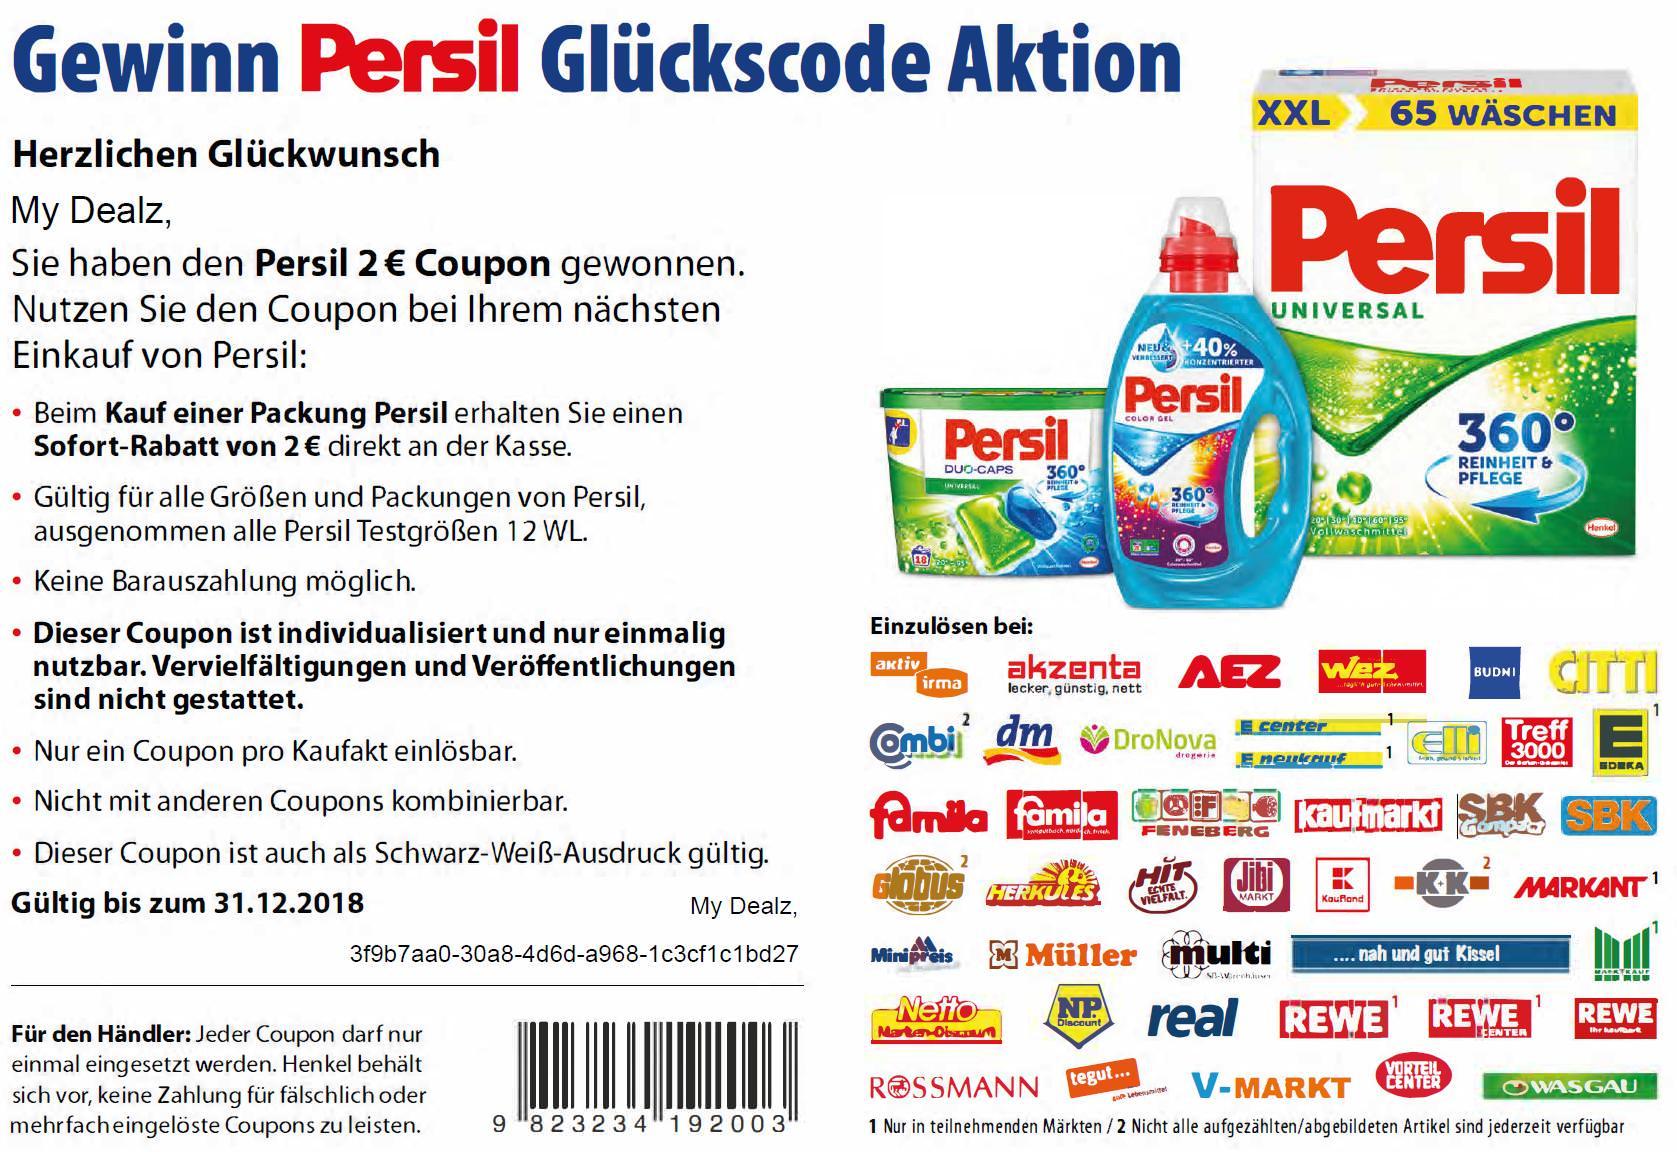 2,00€ Coupon für den Kauf von Persil (alle Sorten/Produkte/Größen außer 12WL) bis 31.12.2018